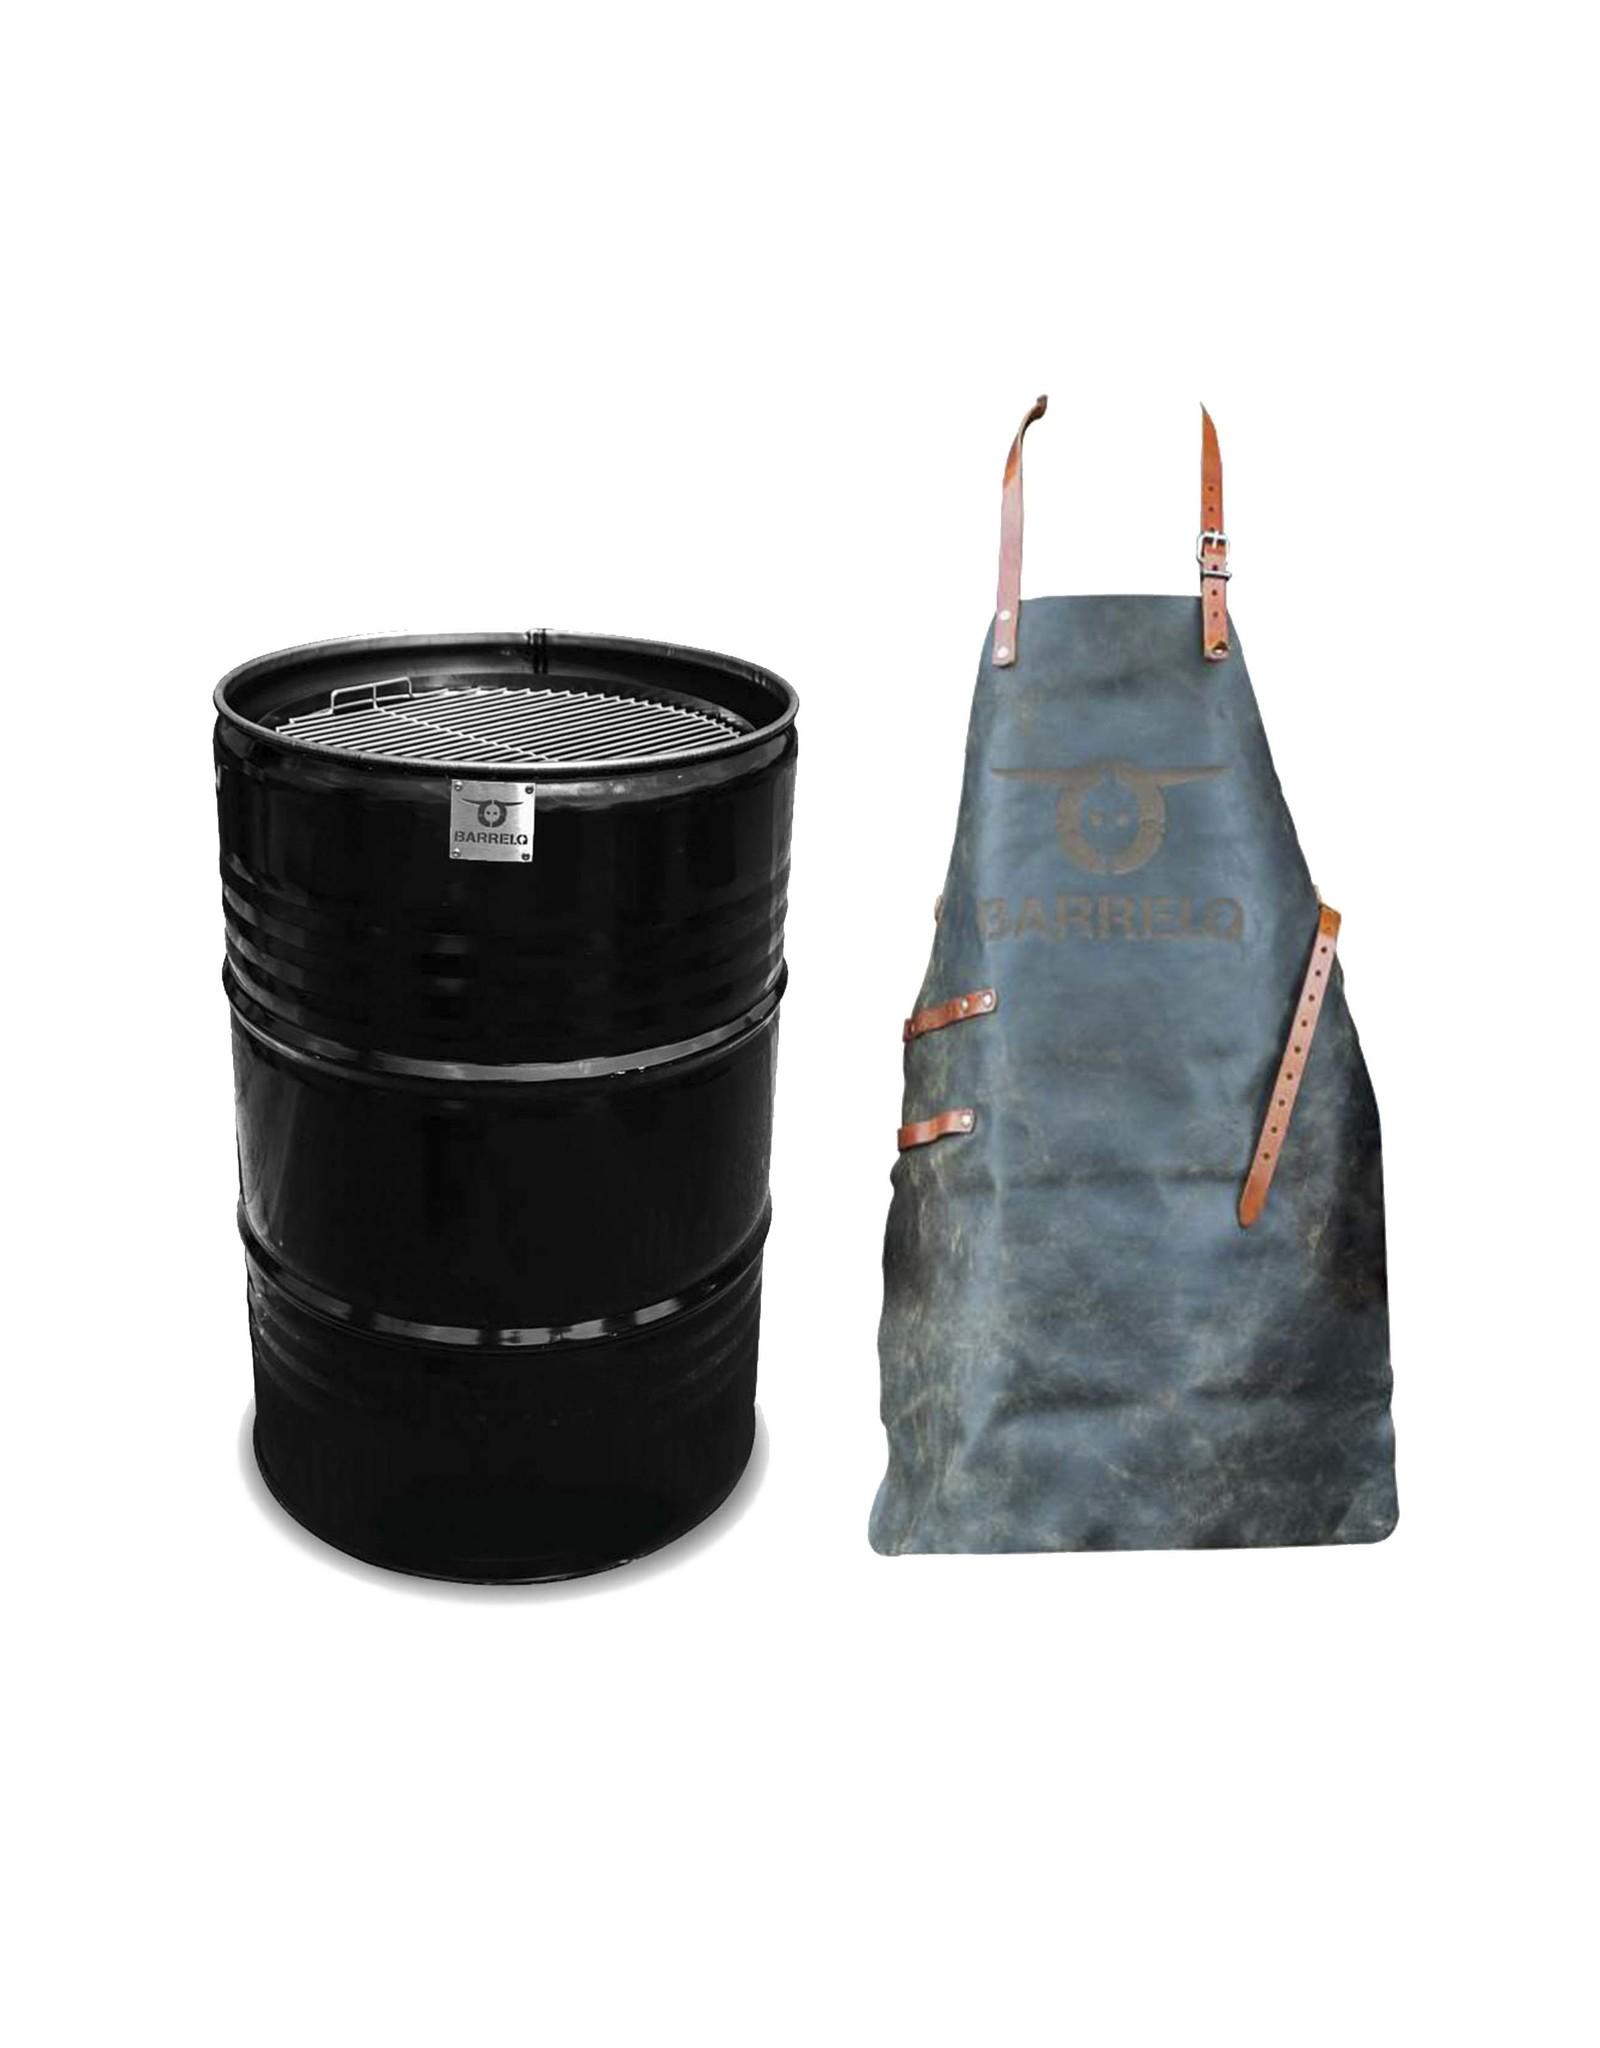 BarrelQ Big Original plus leather apron